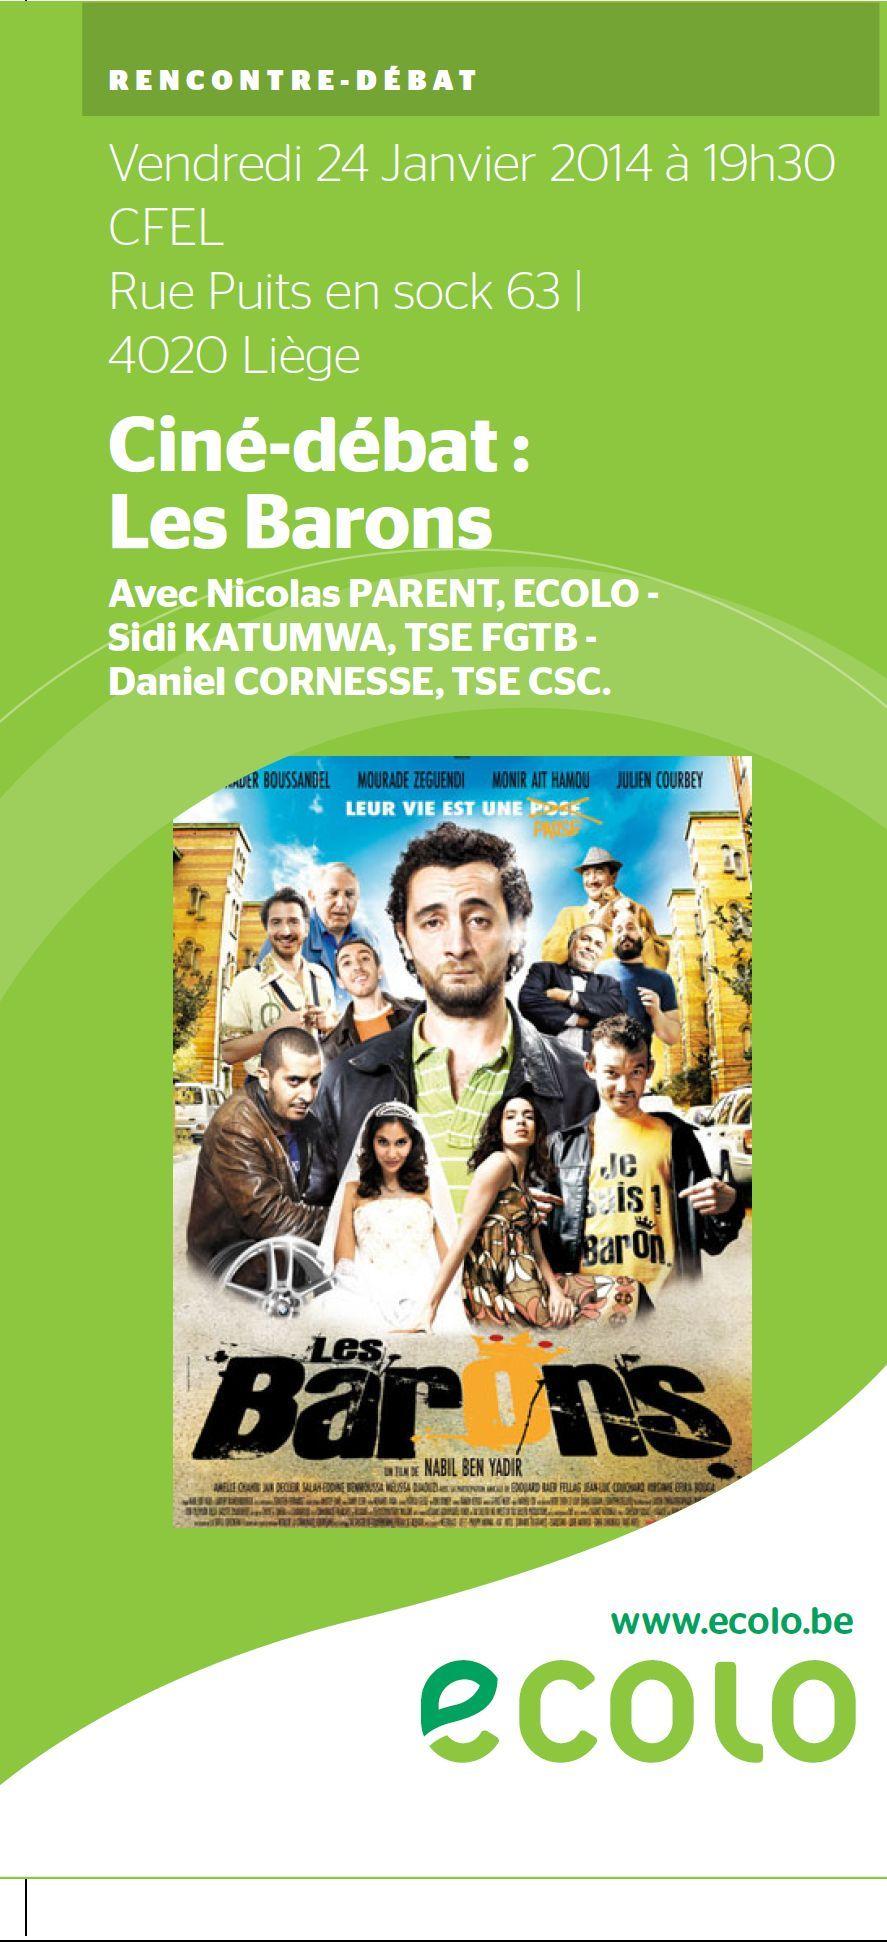 20140124_Cine_debat_Les_Barons.jpg